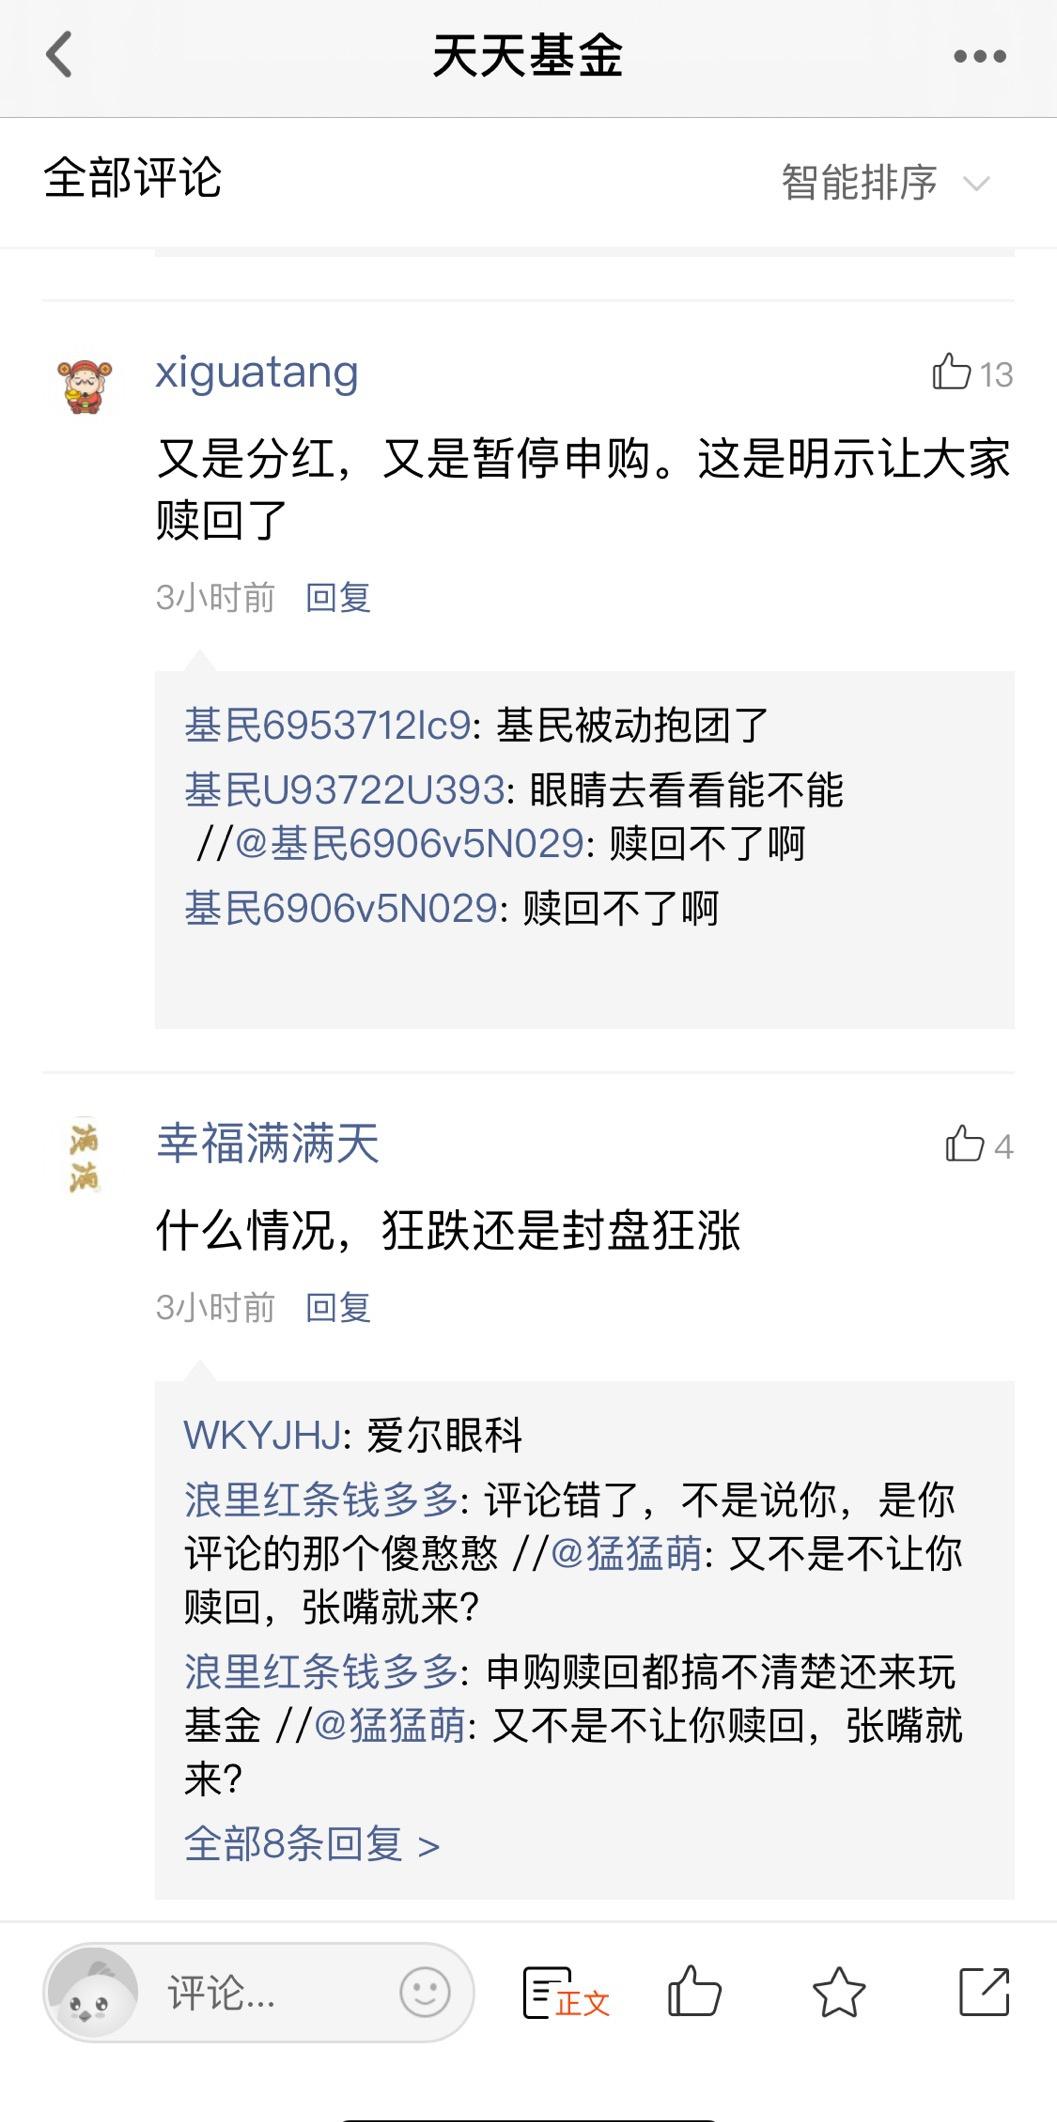 """""""坤坤""""当红产品大动作 易方达中小盘""""暂停申购+大额分红"""""""